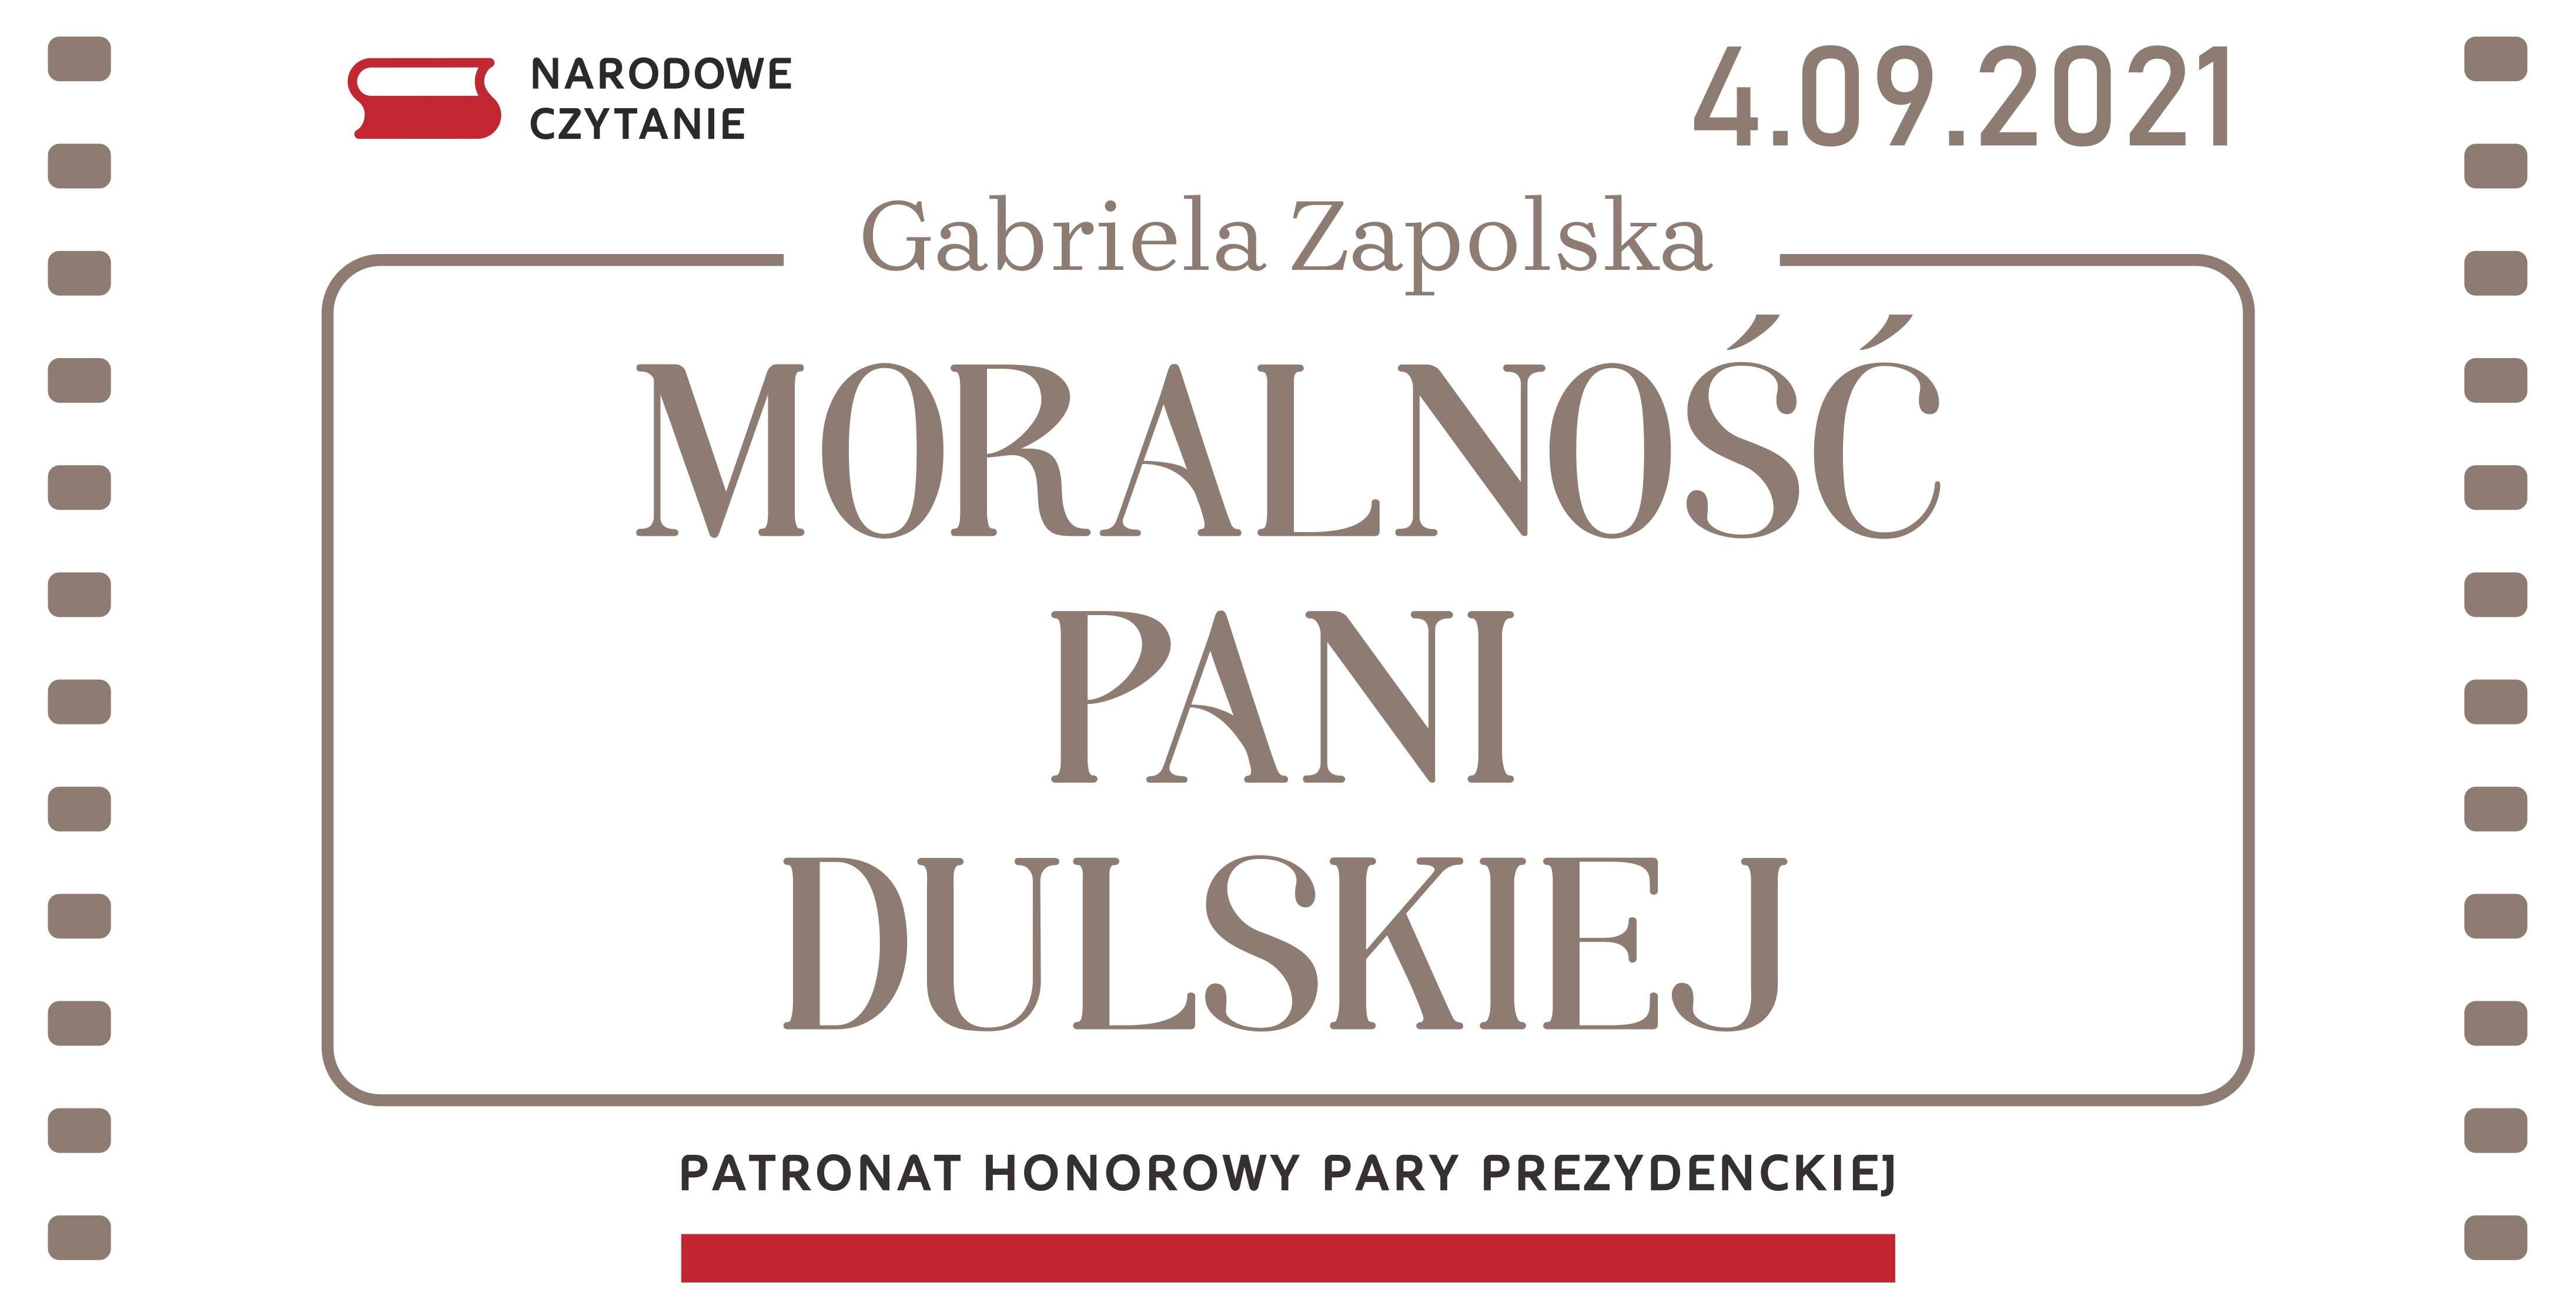 Narodowe Czytanie 2021 - Moralność pani Dulskiej - baner reklamowy